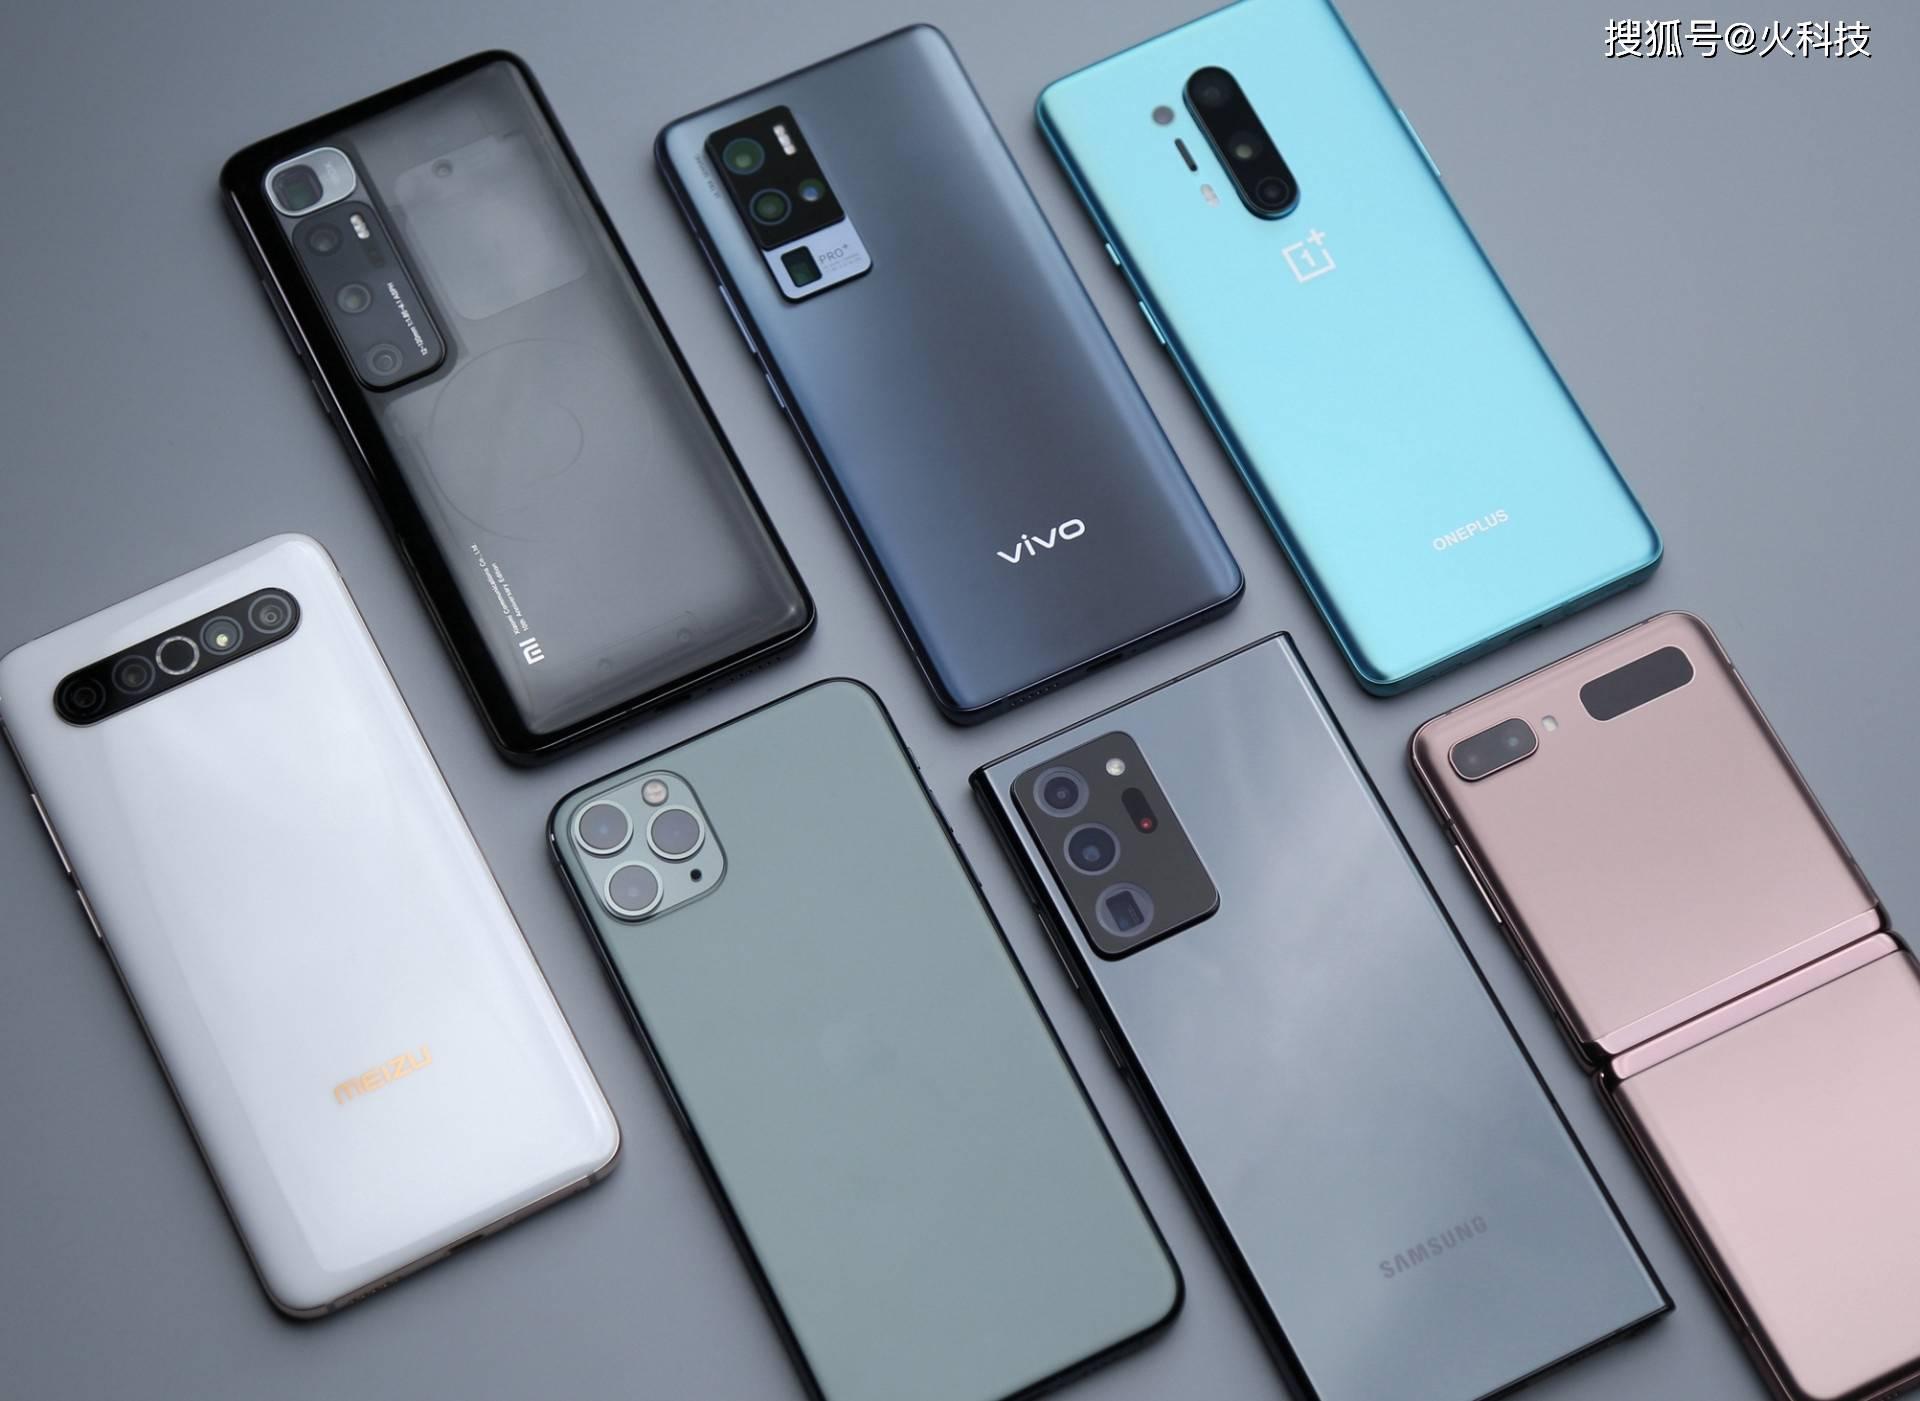 原创             近期要发布的智能手机曝光数据:看一看你最期待哪一款?